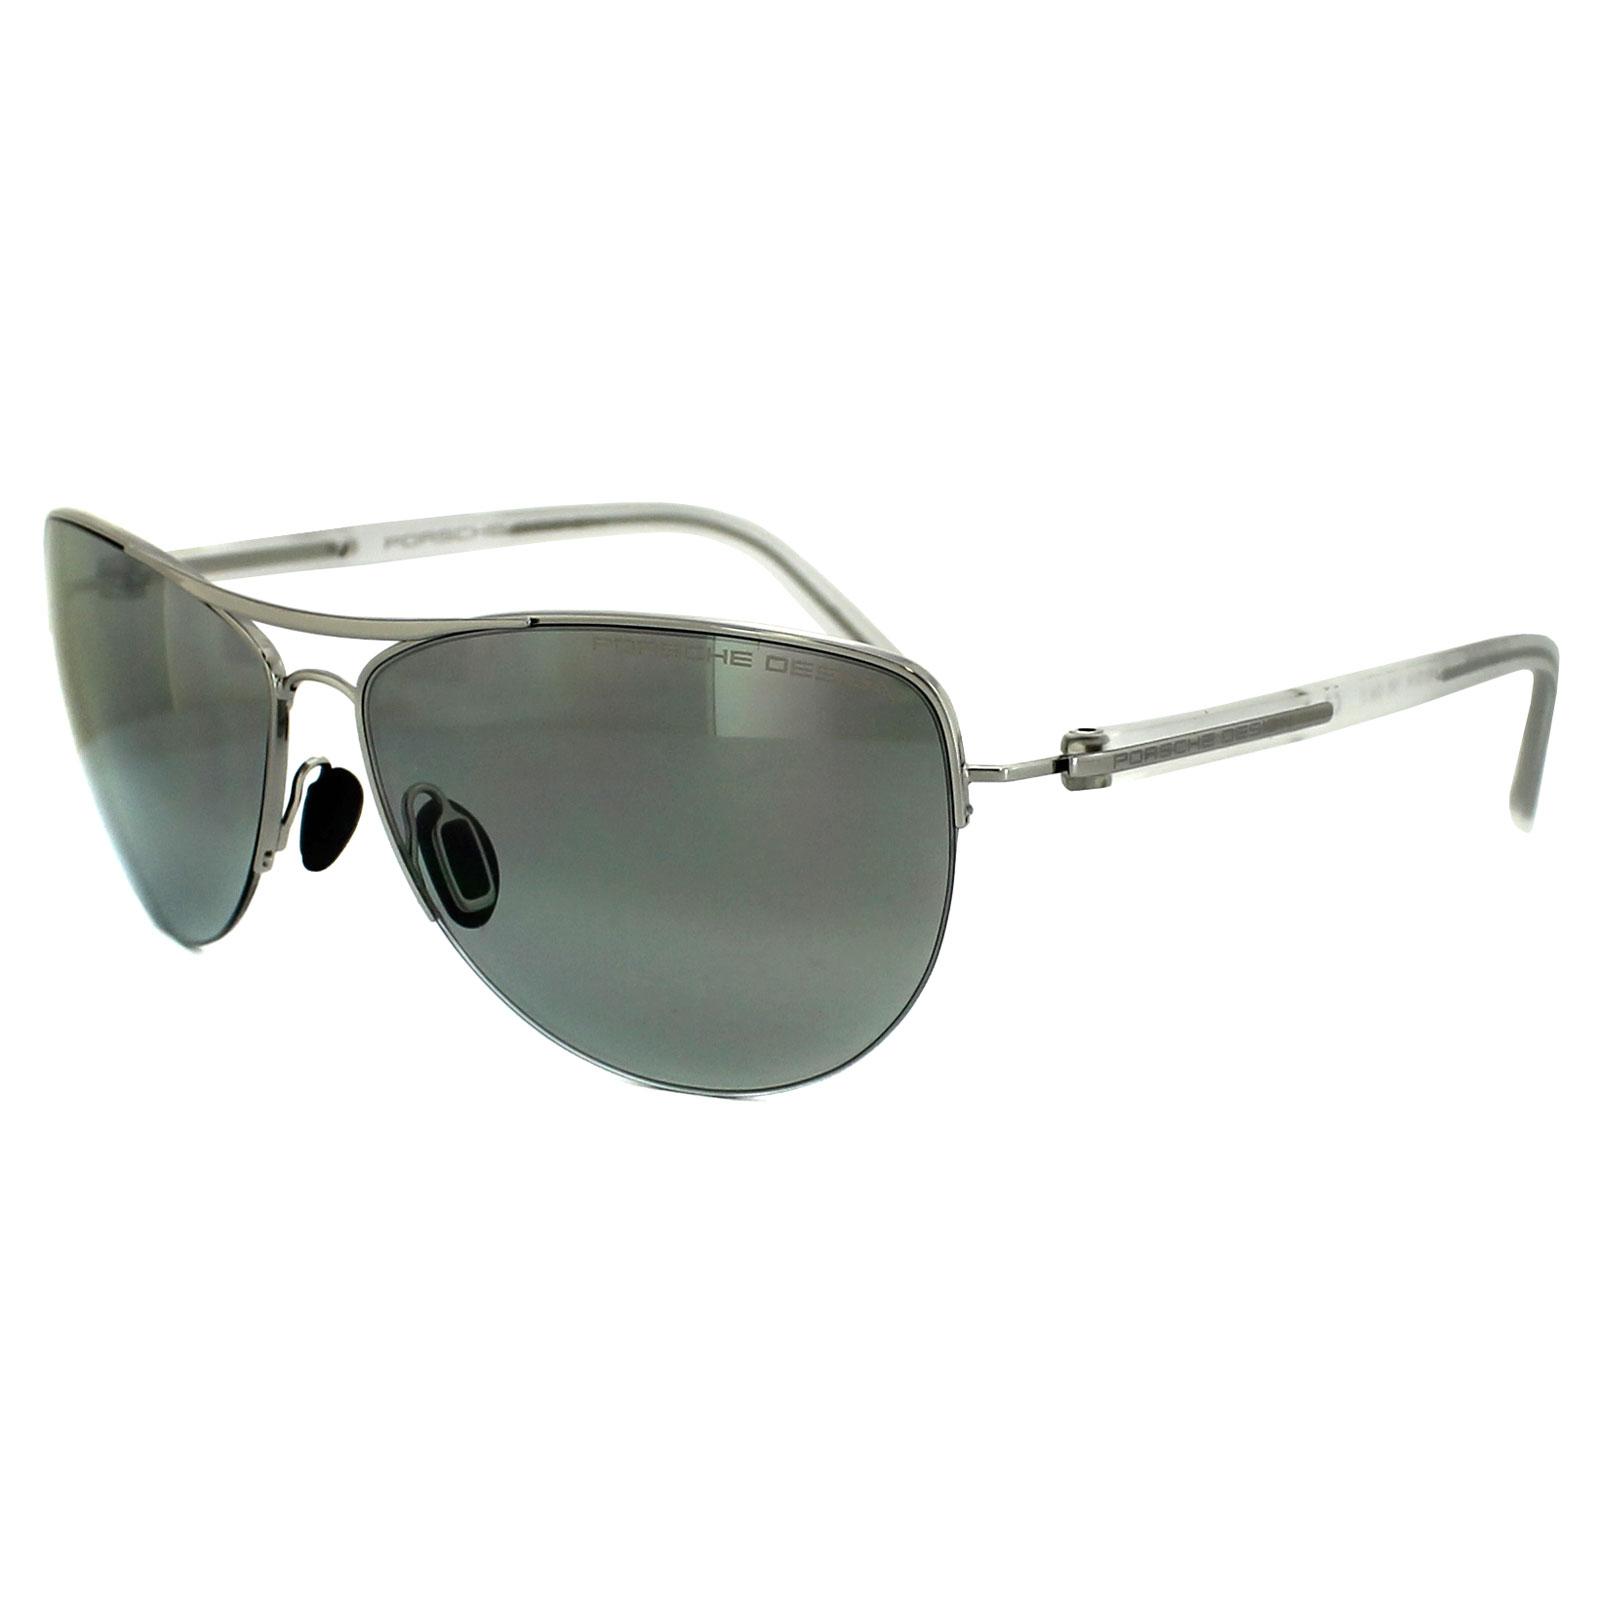 87265b6654ff Porsche Replica Sunglasses